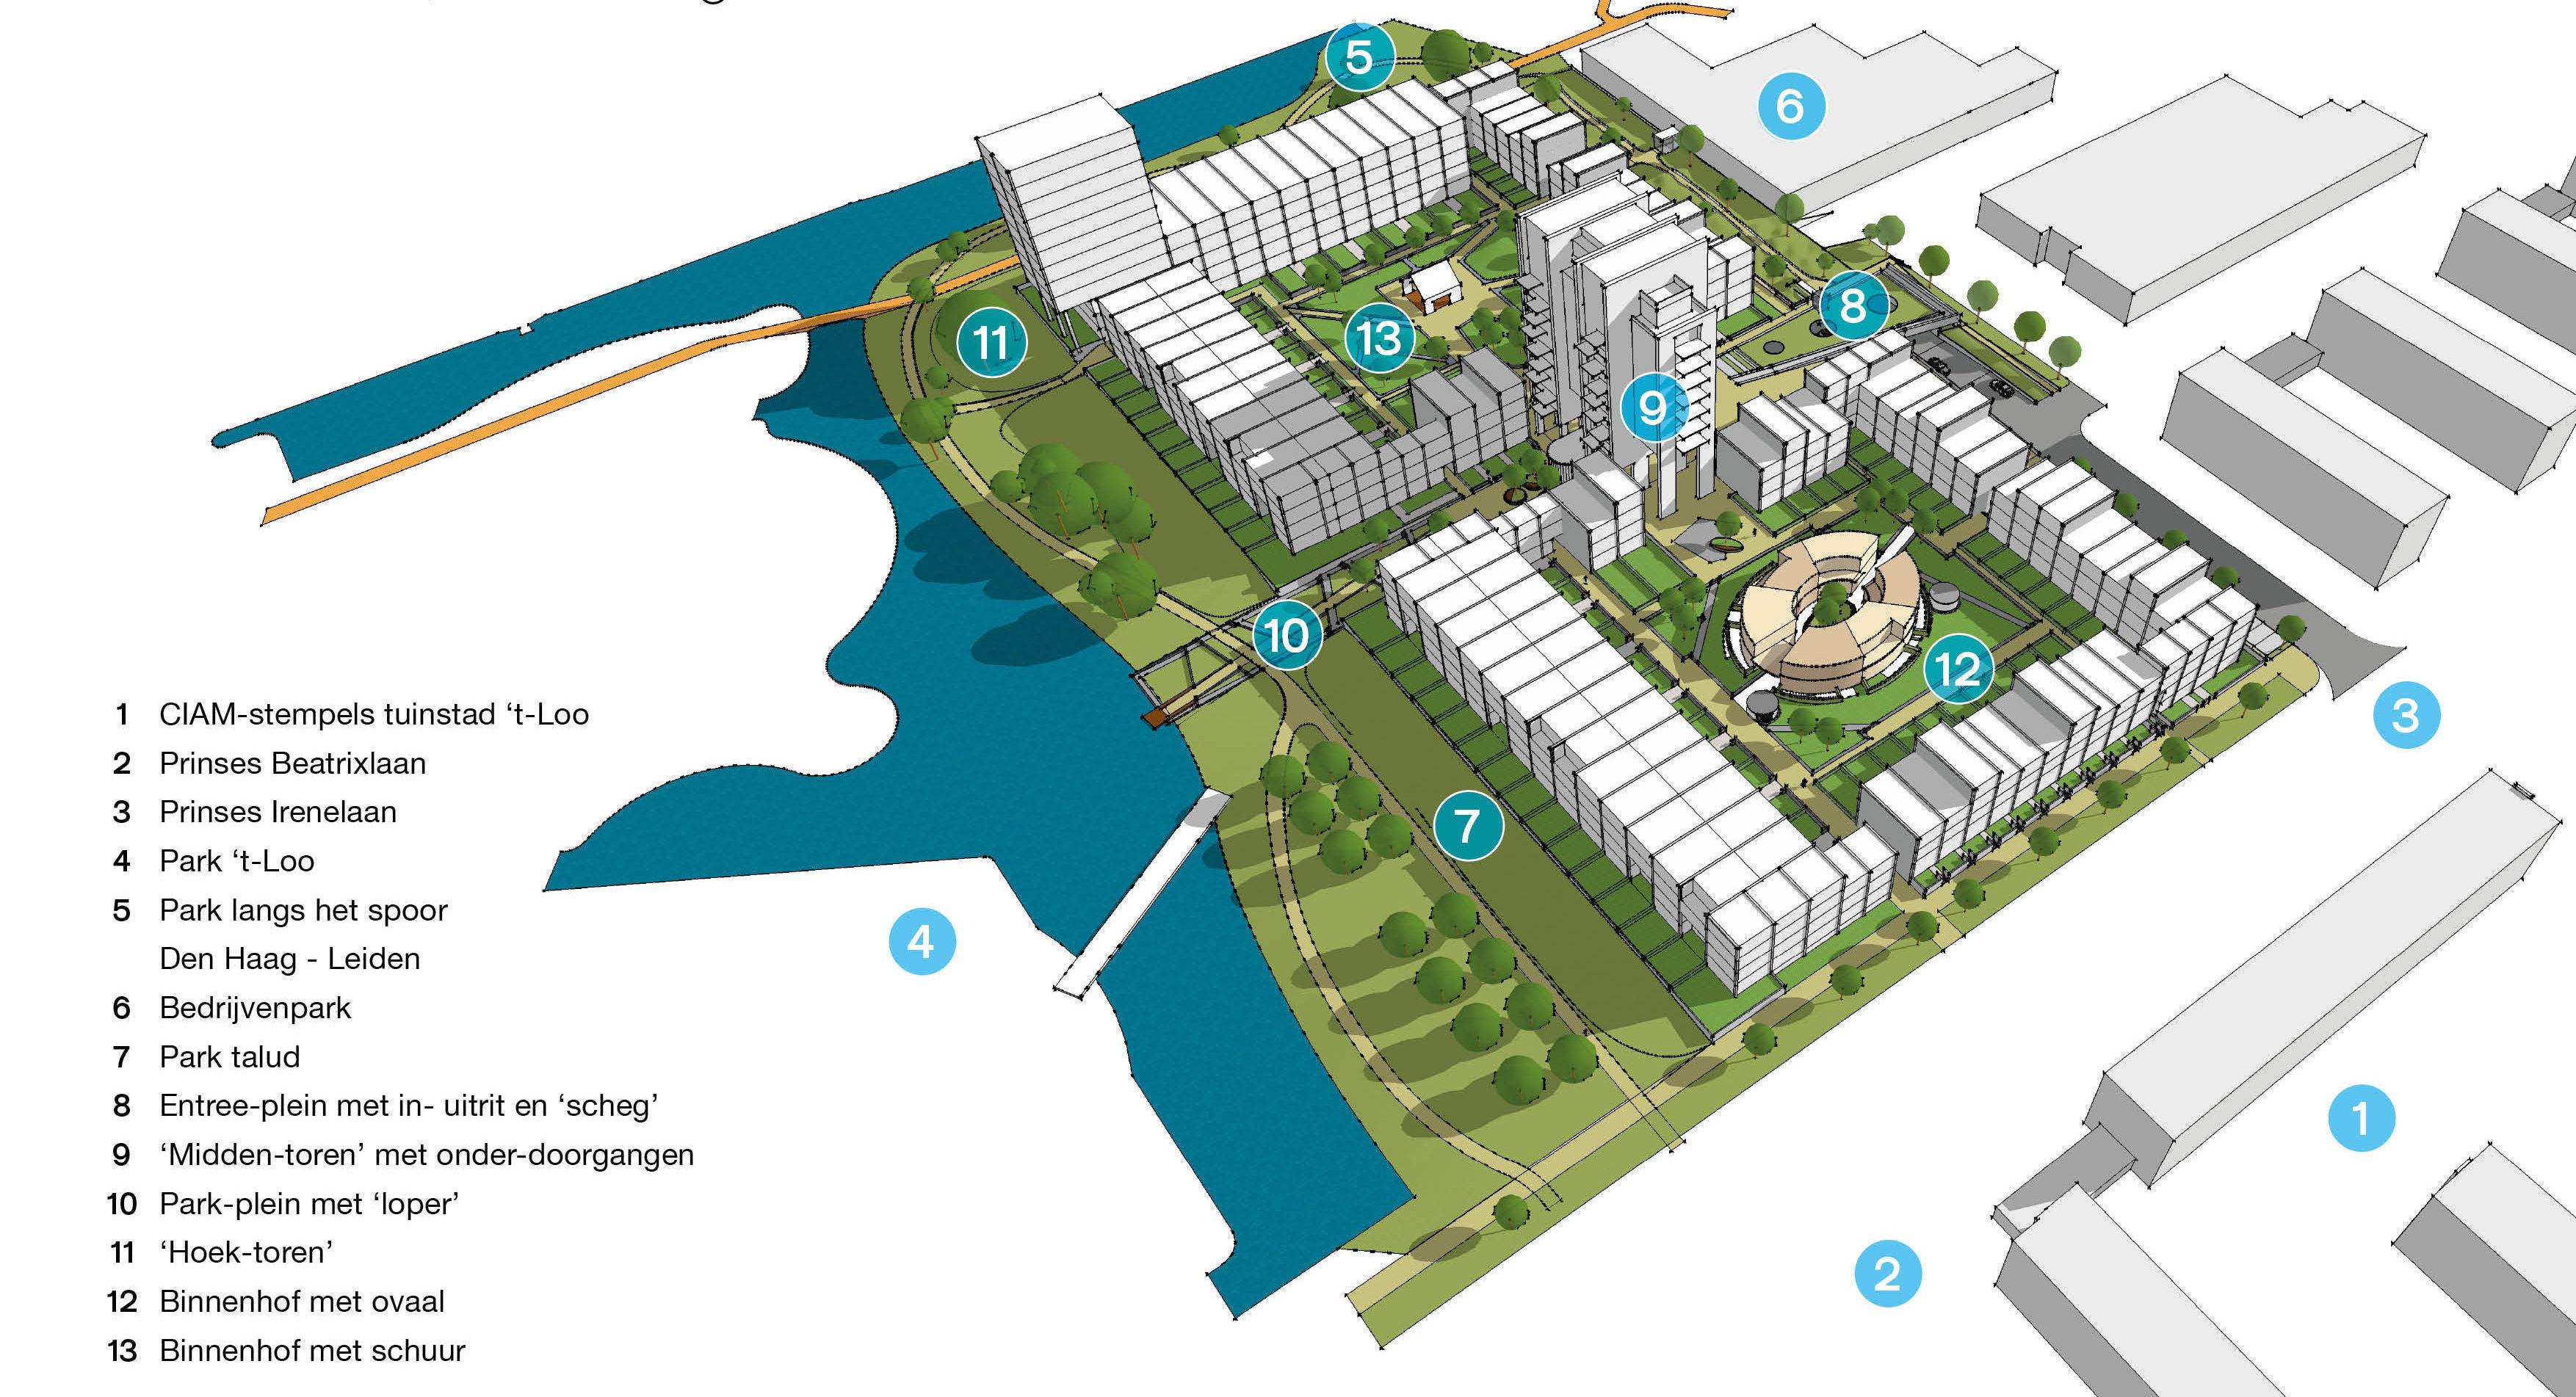 <p>Woningbouw Voorburg &#8211; Bos Hofman Architektenkombinatie</p>